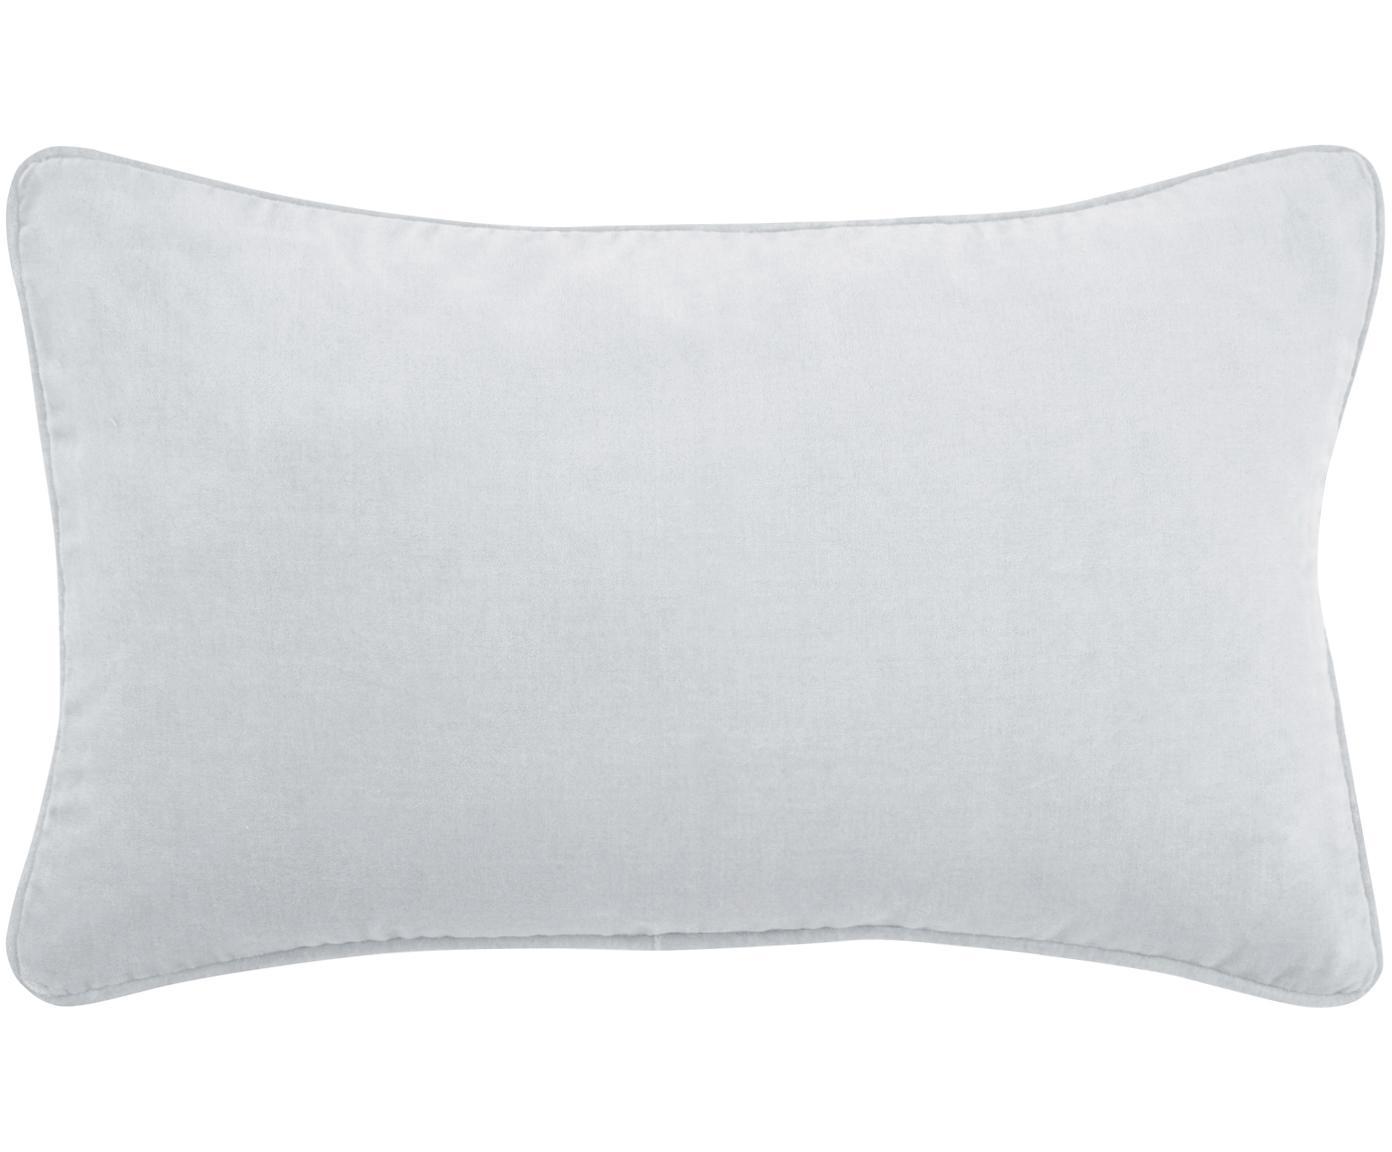 Effen fluwelen kussenhoes Dana in lichtgrijs, 100% katoen fluweel, Lichtgrijs, 30 x 50 cm